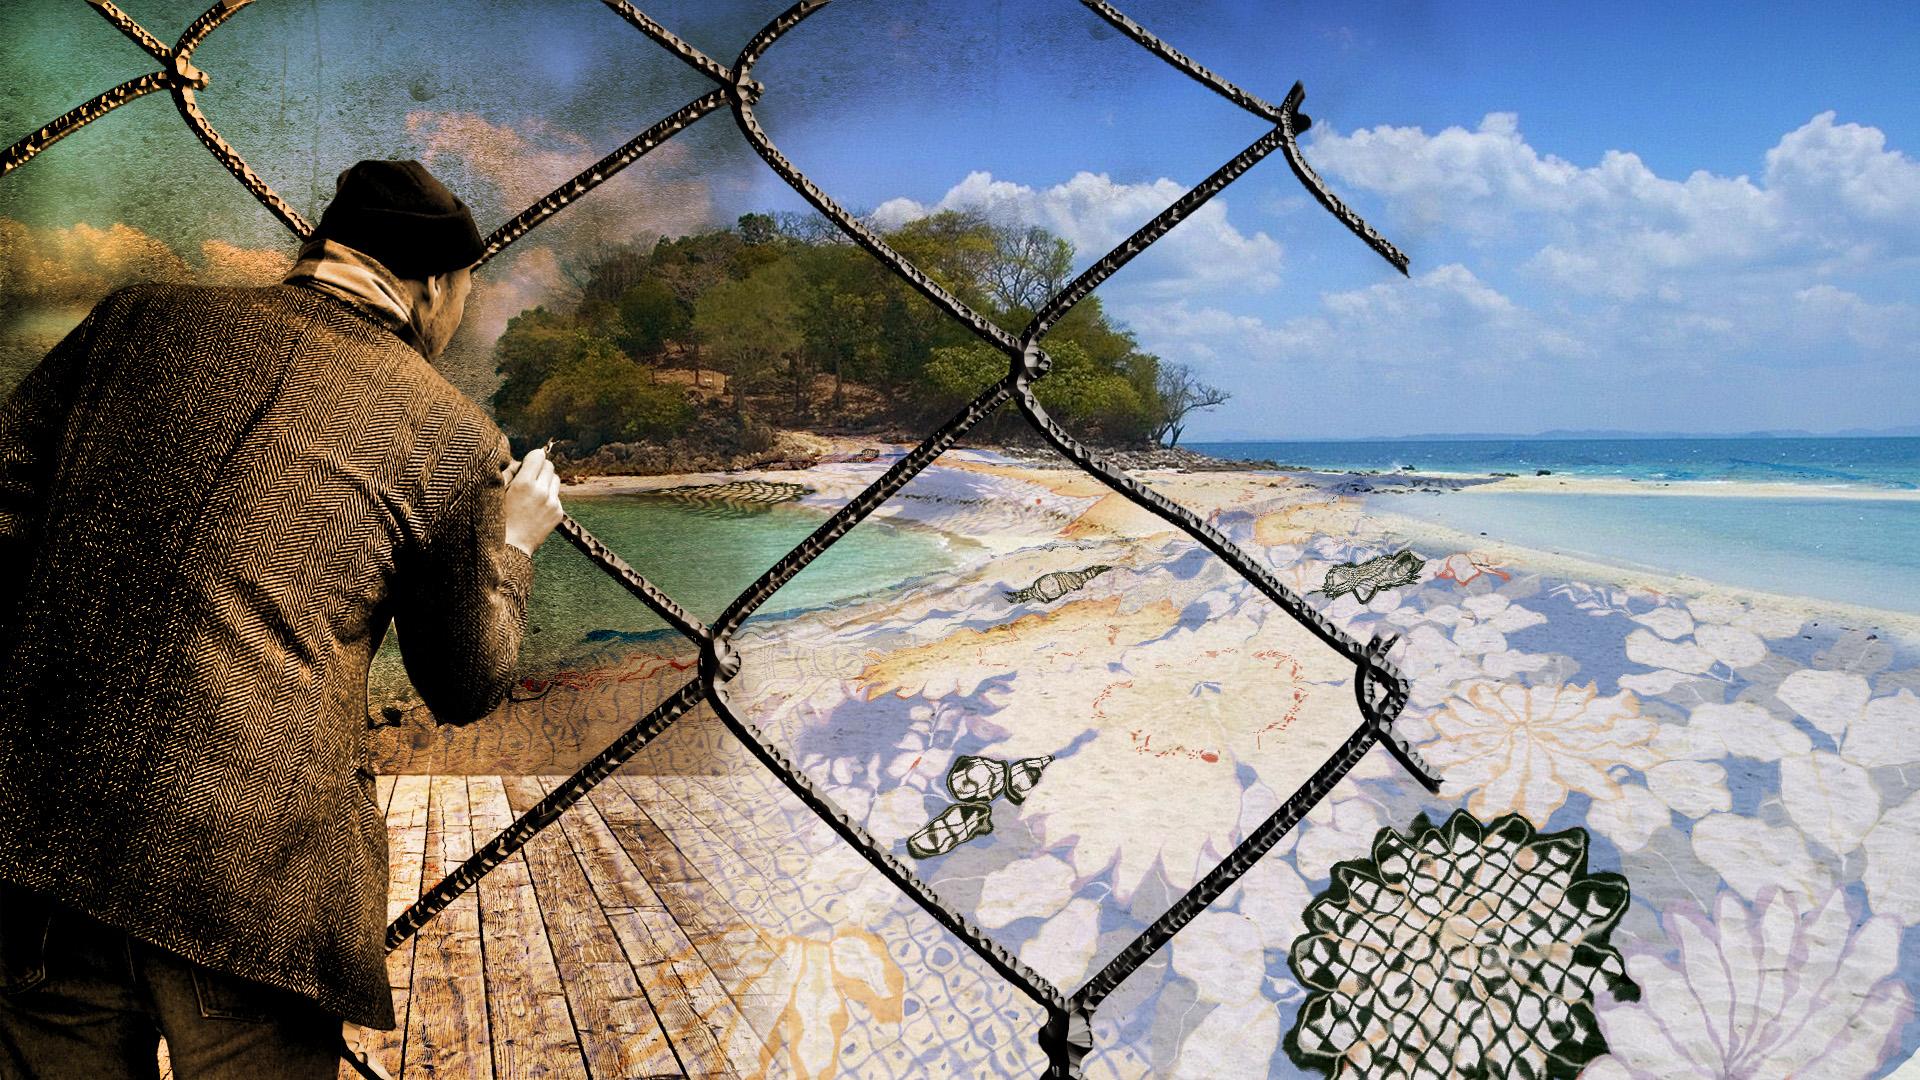 KIMONO BEACH